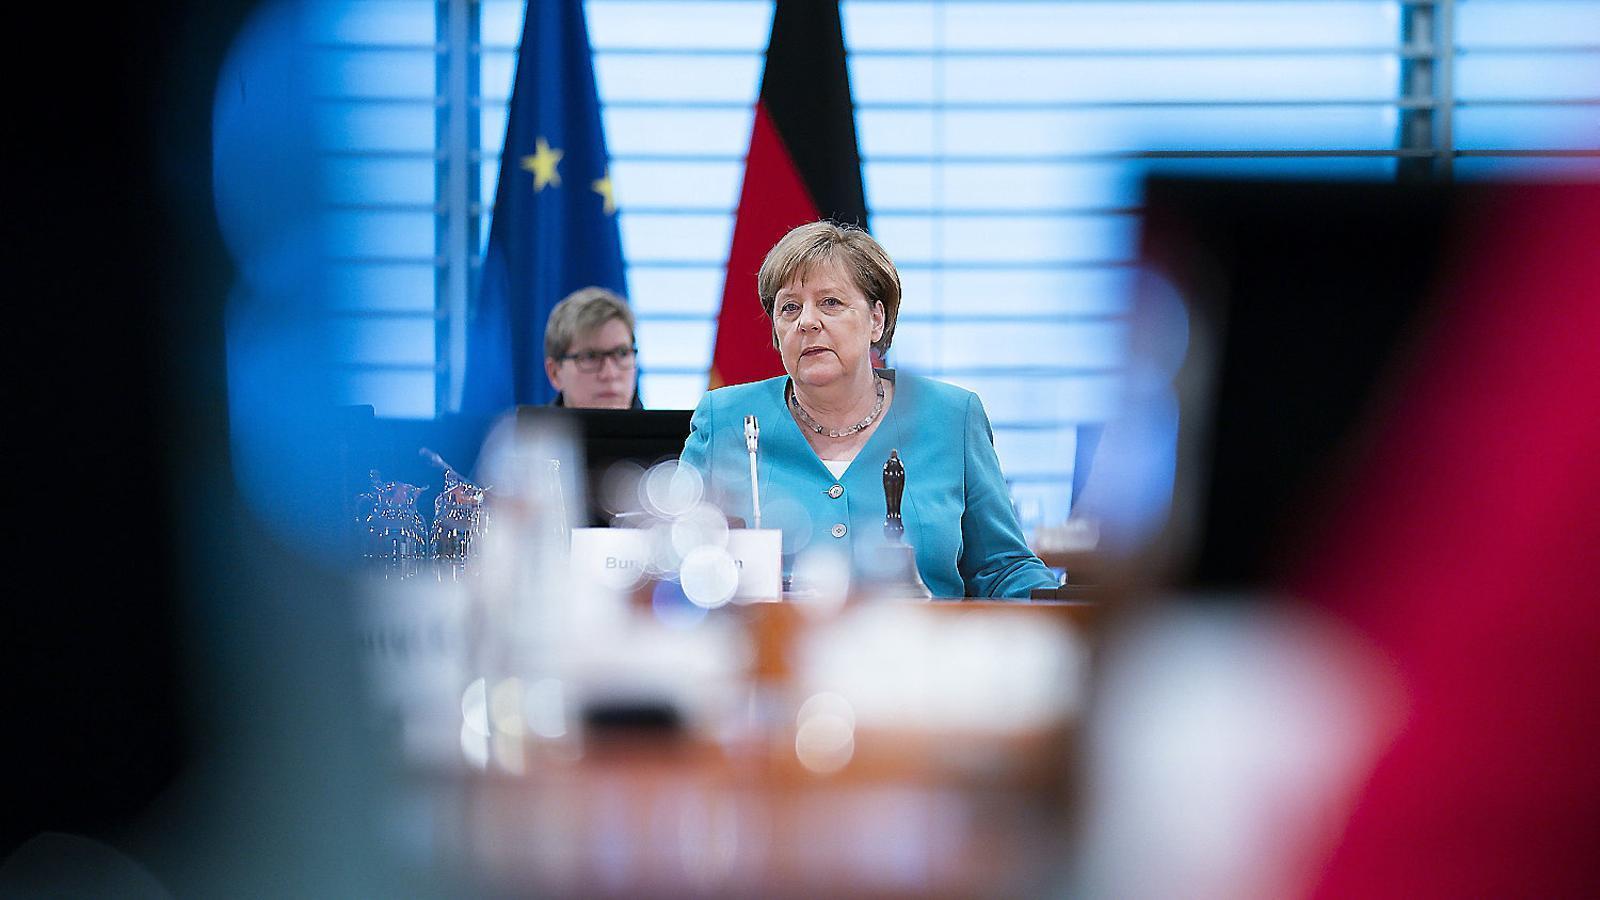 Alemanya pren les regnes de la UE en plena 'coronacrisi'